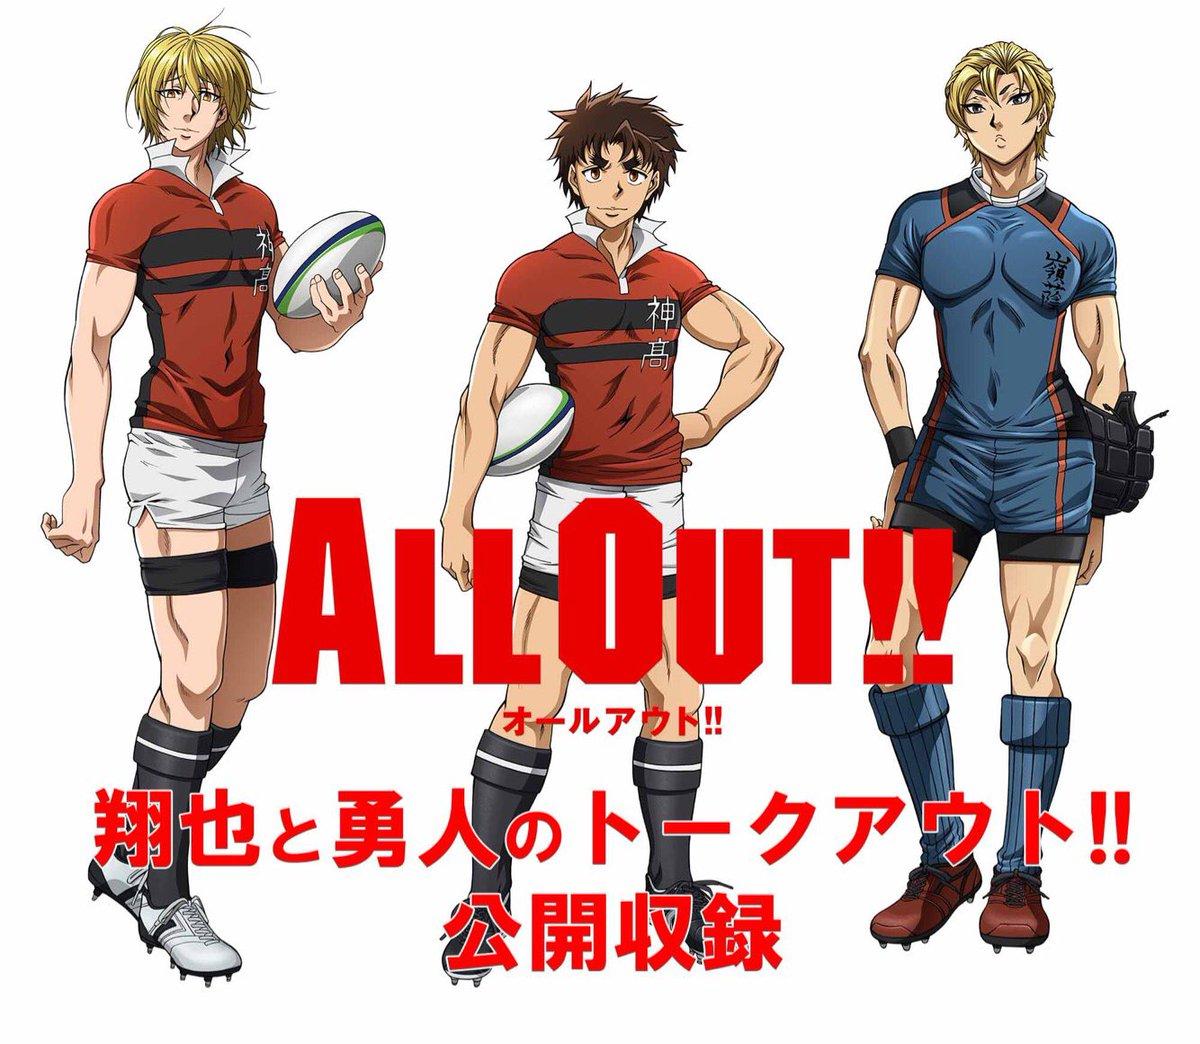 そして、4月5日(水)にアニメイト新宿にて「ALL OUT!! ラジオ 翔也と勇人のトークアウト!!」公開収録の開催が決